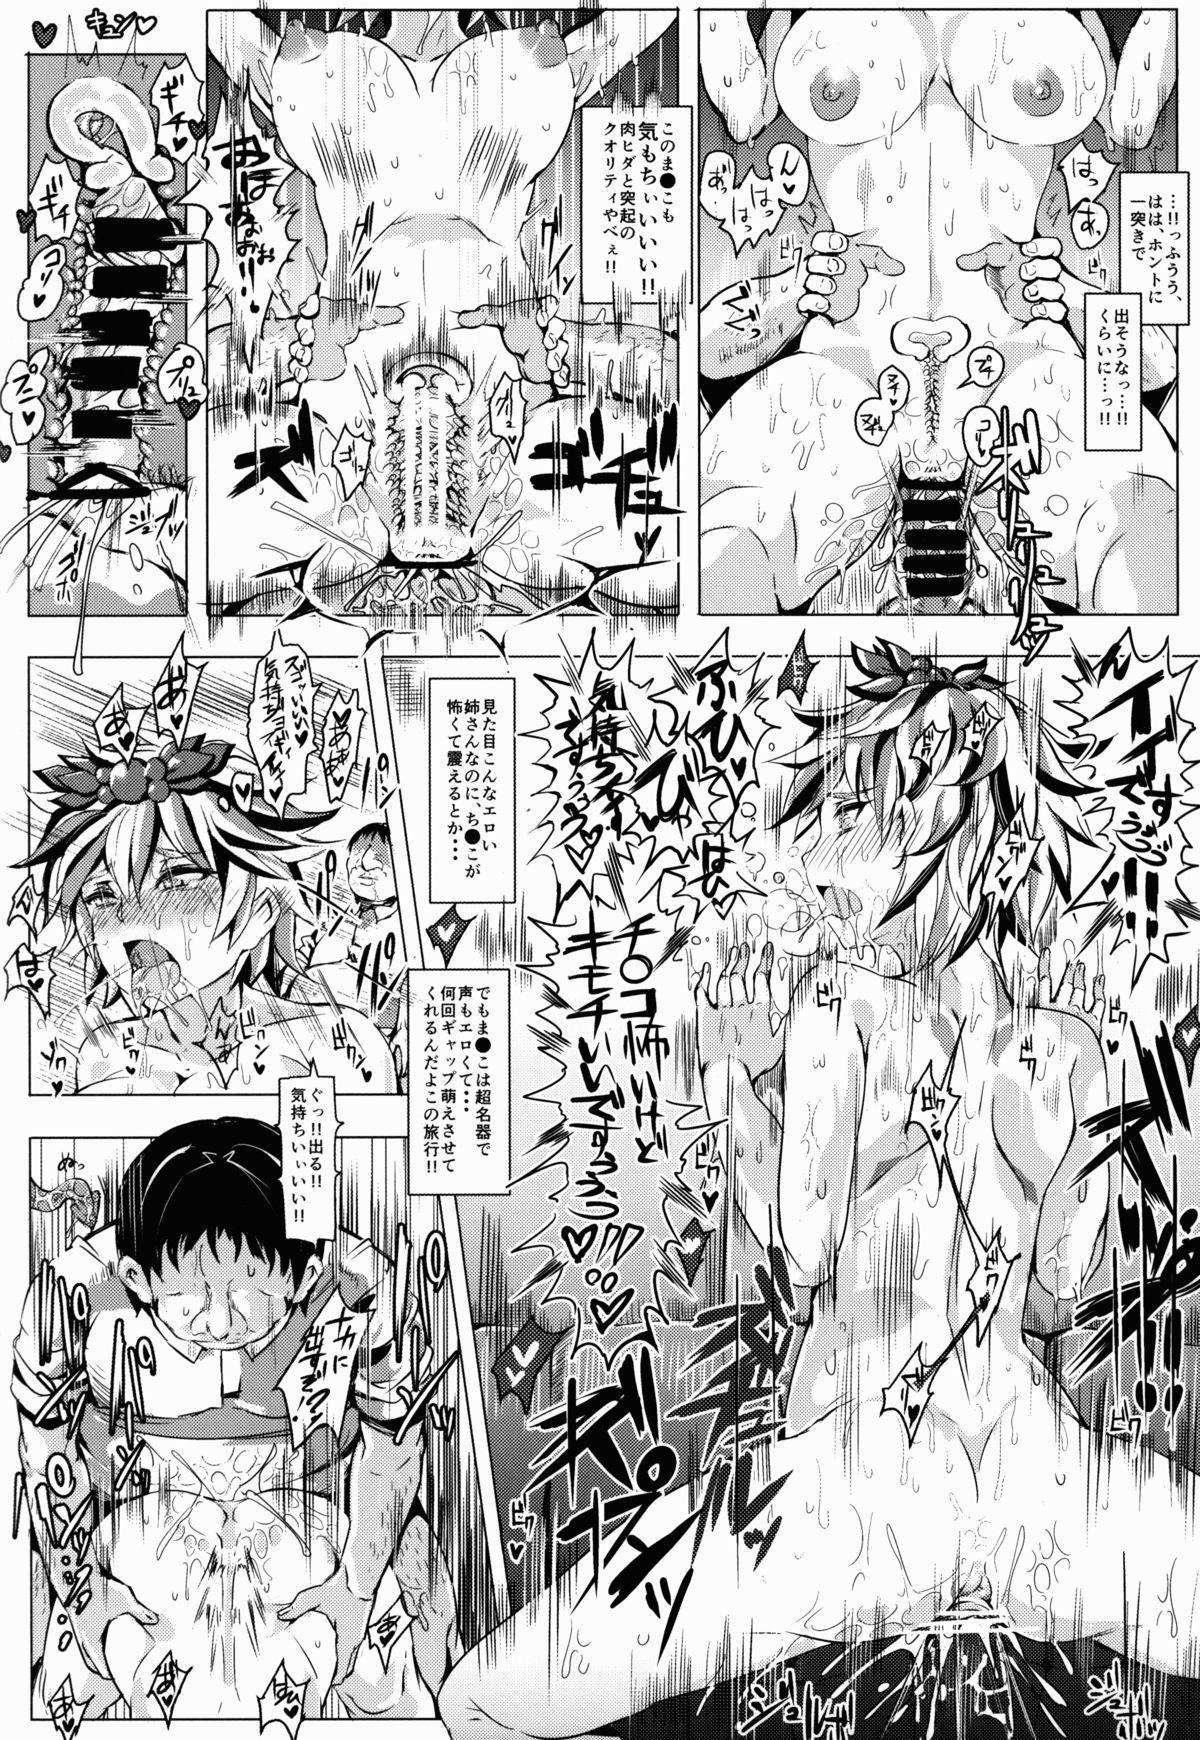 Oidemase!! Jiyuu Fuuzoku Gensoukyou Nihaku Mikka no Tabi - Kisaragi 19